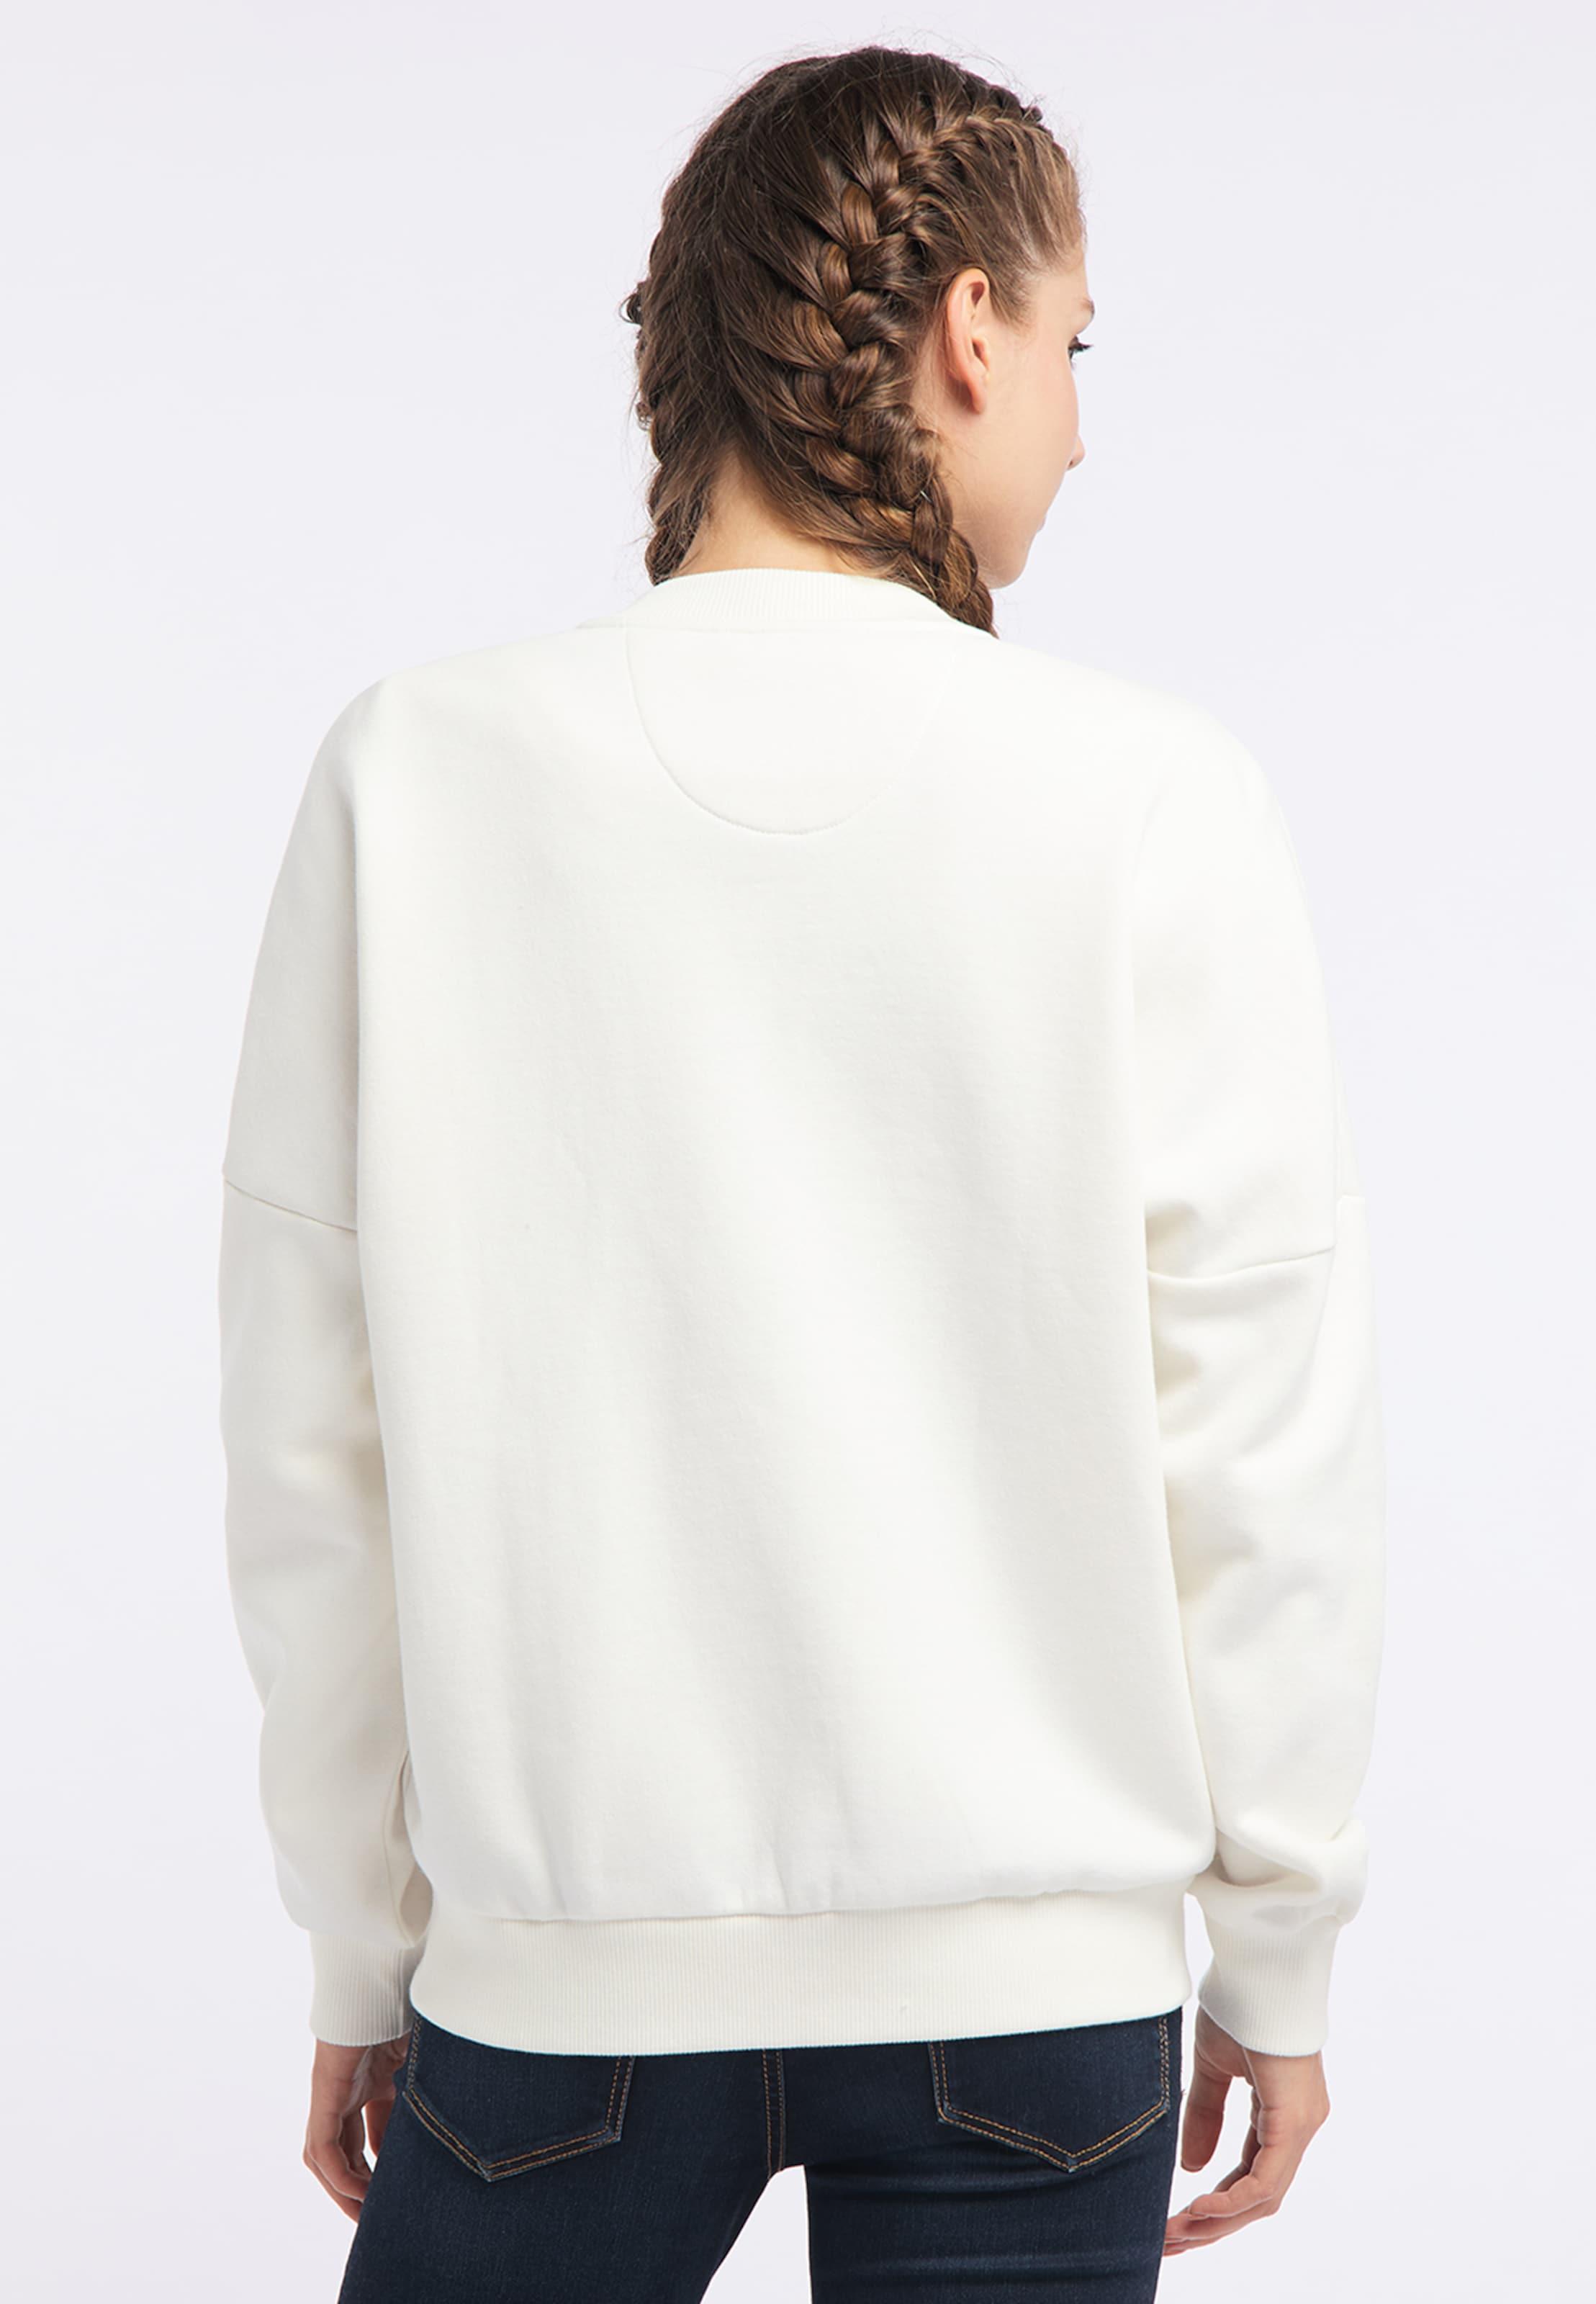 Mymo Veste Blanc Survêtement En De Cassé Yg7bf6y